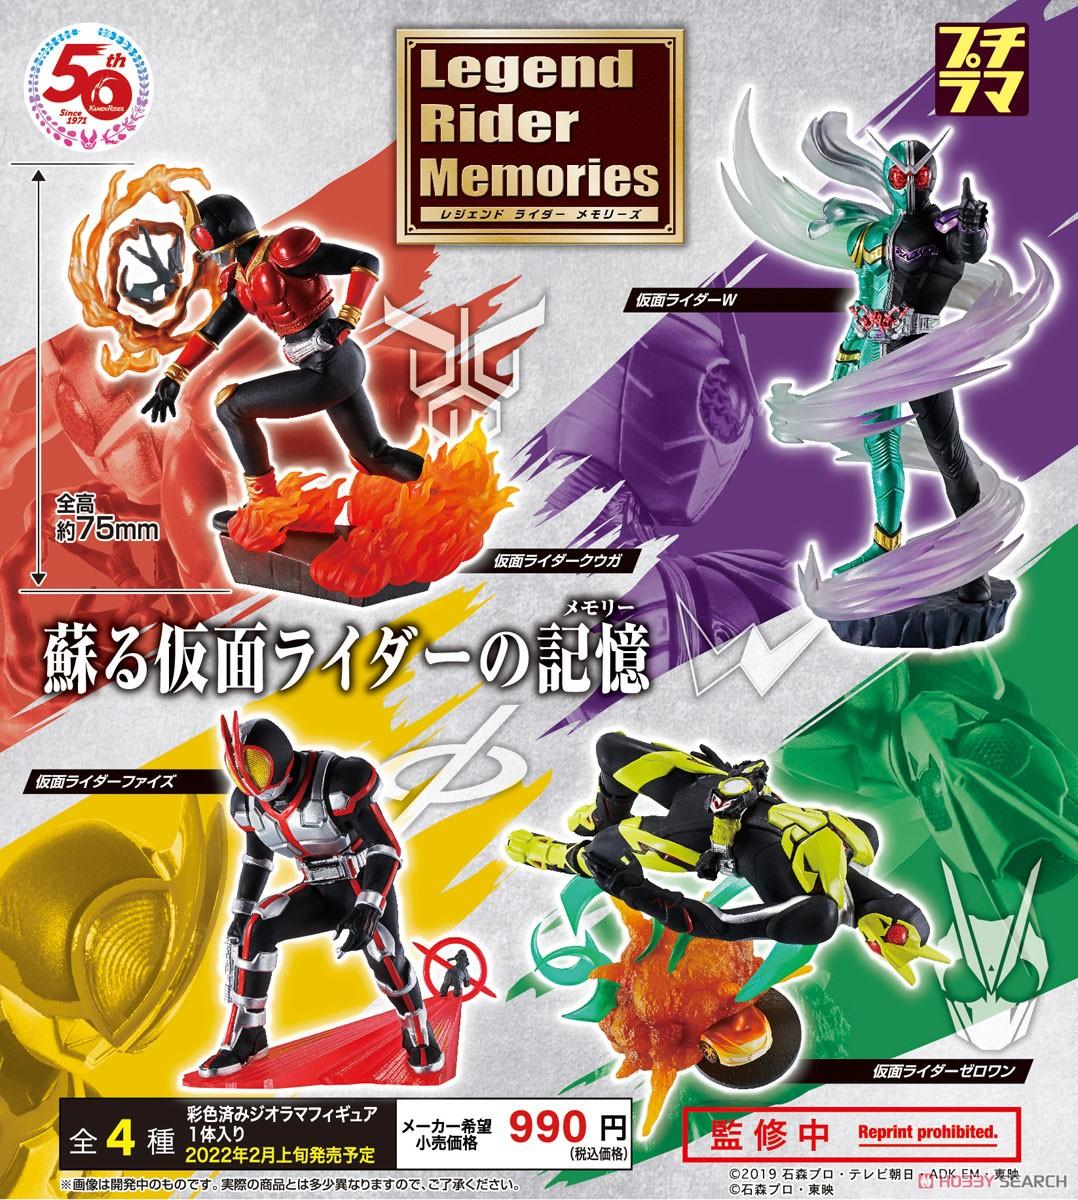 プチラマシリーズ『仮面ライダー Legend Rider Memories』4個入りBOX-006